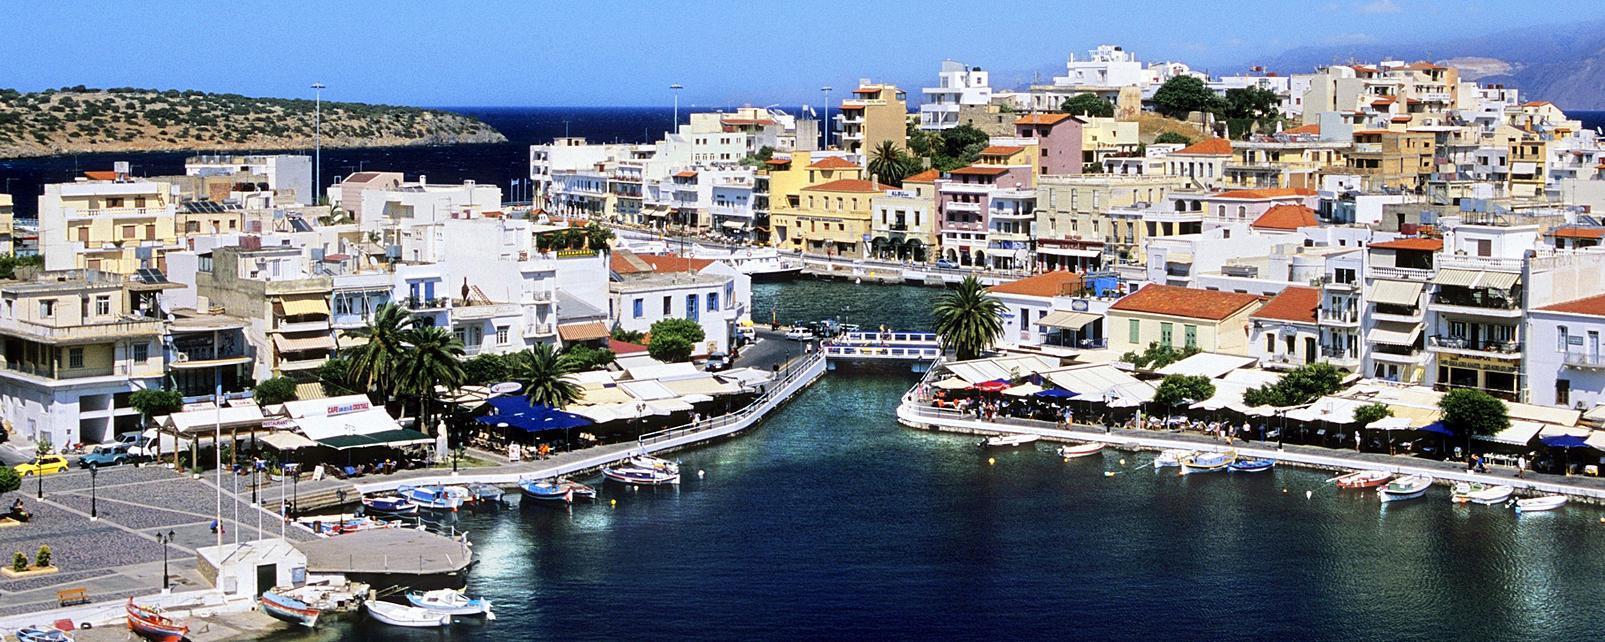 Agios Nikólaos